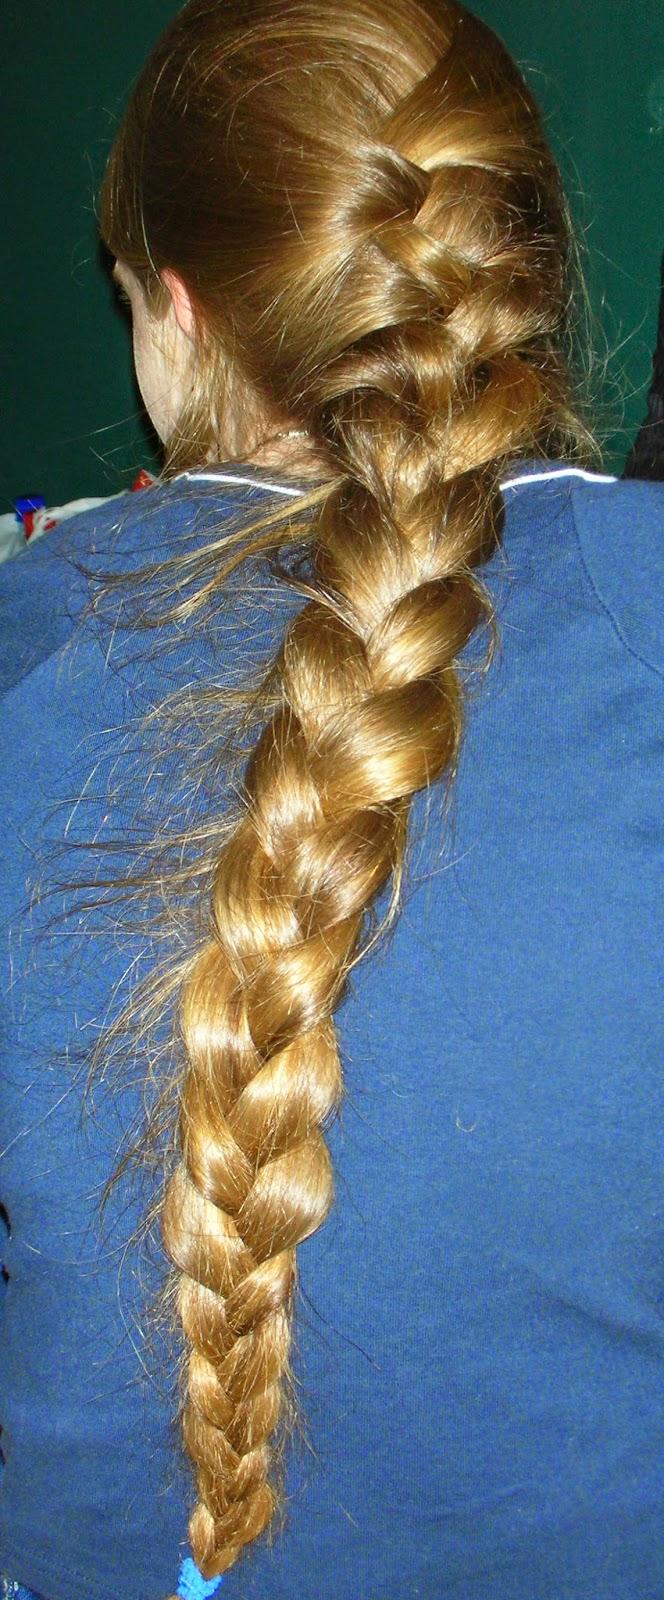 أقوى علاج طبيعي لتساقط الشعر وانبات الفراغات